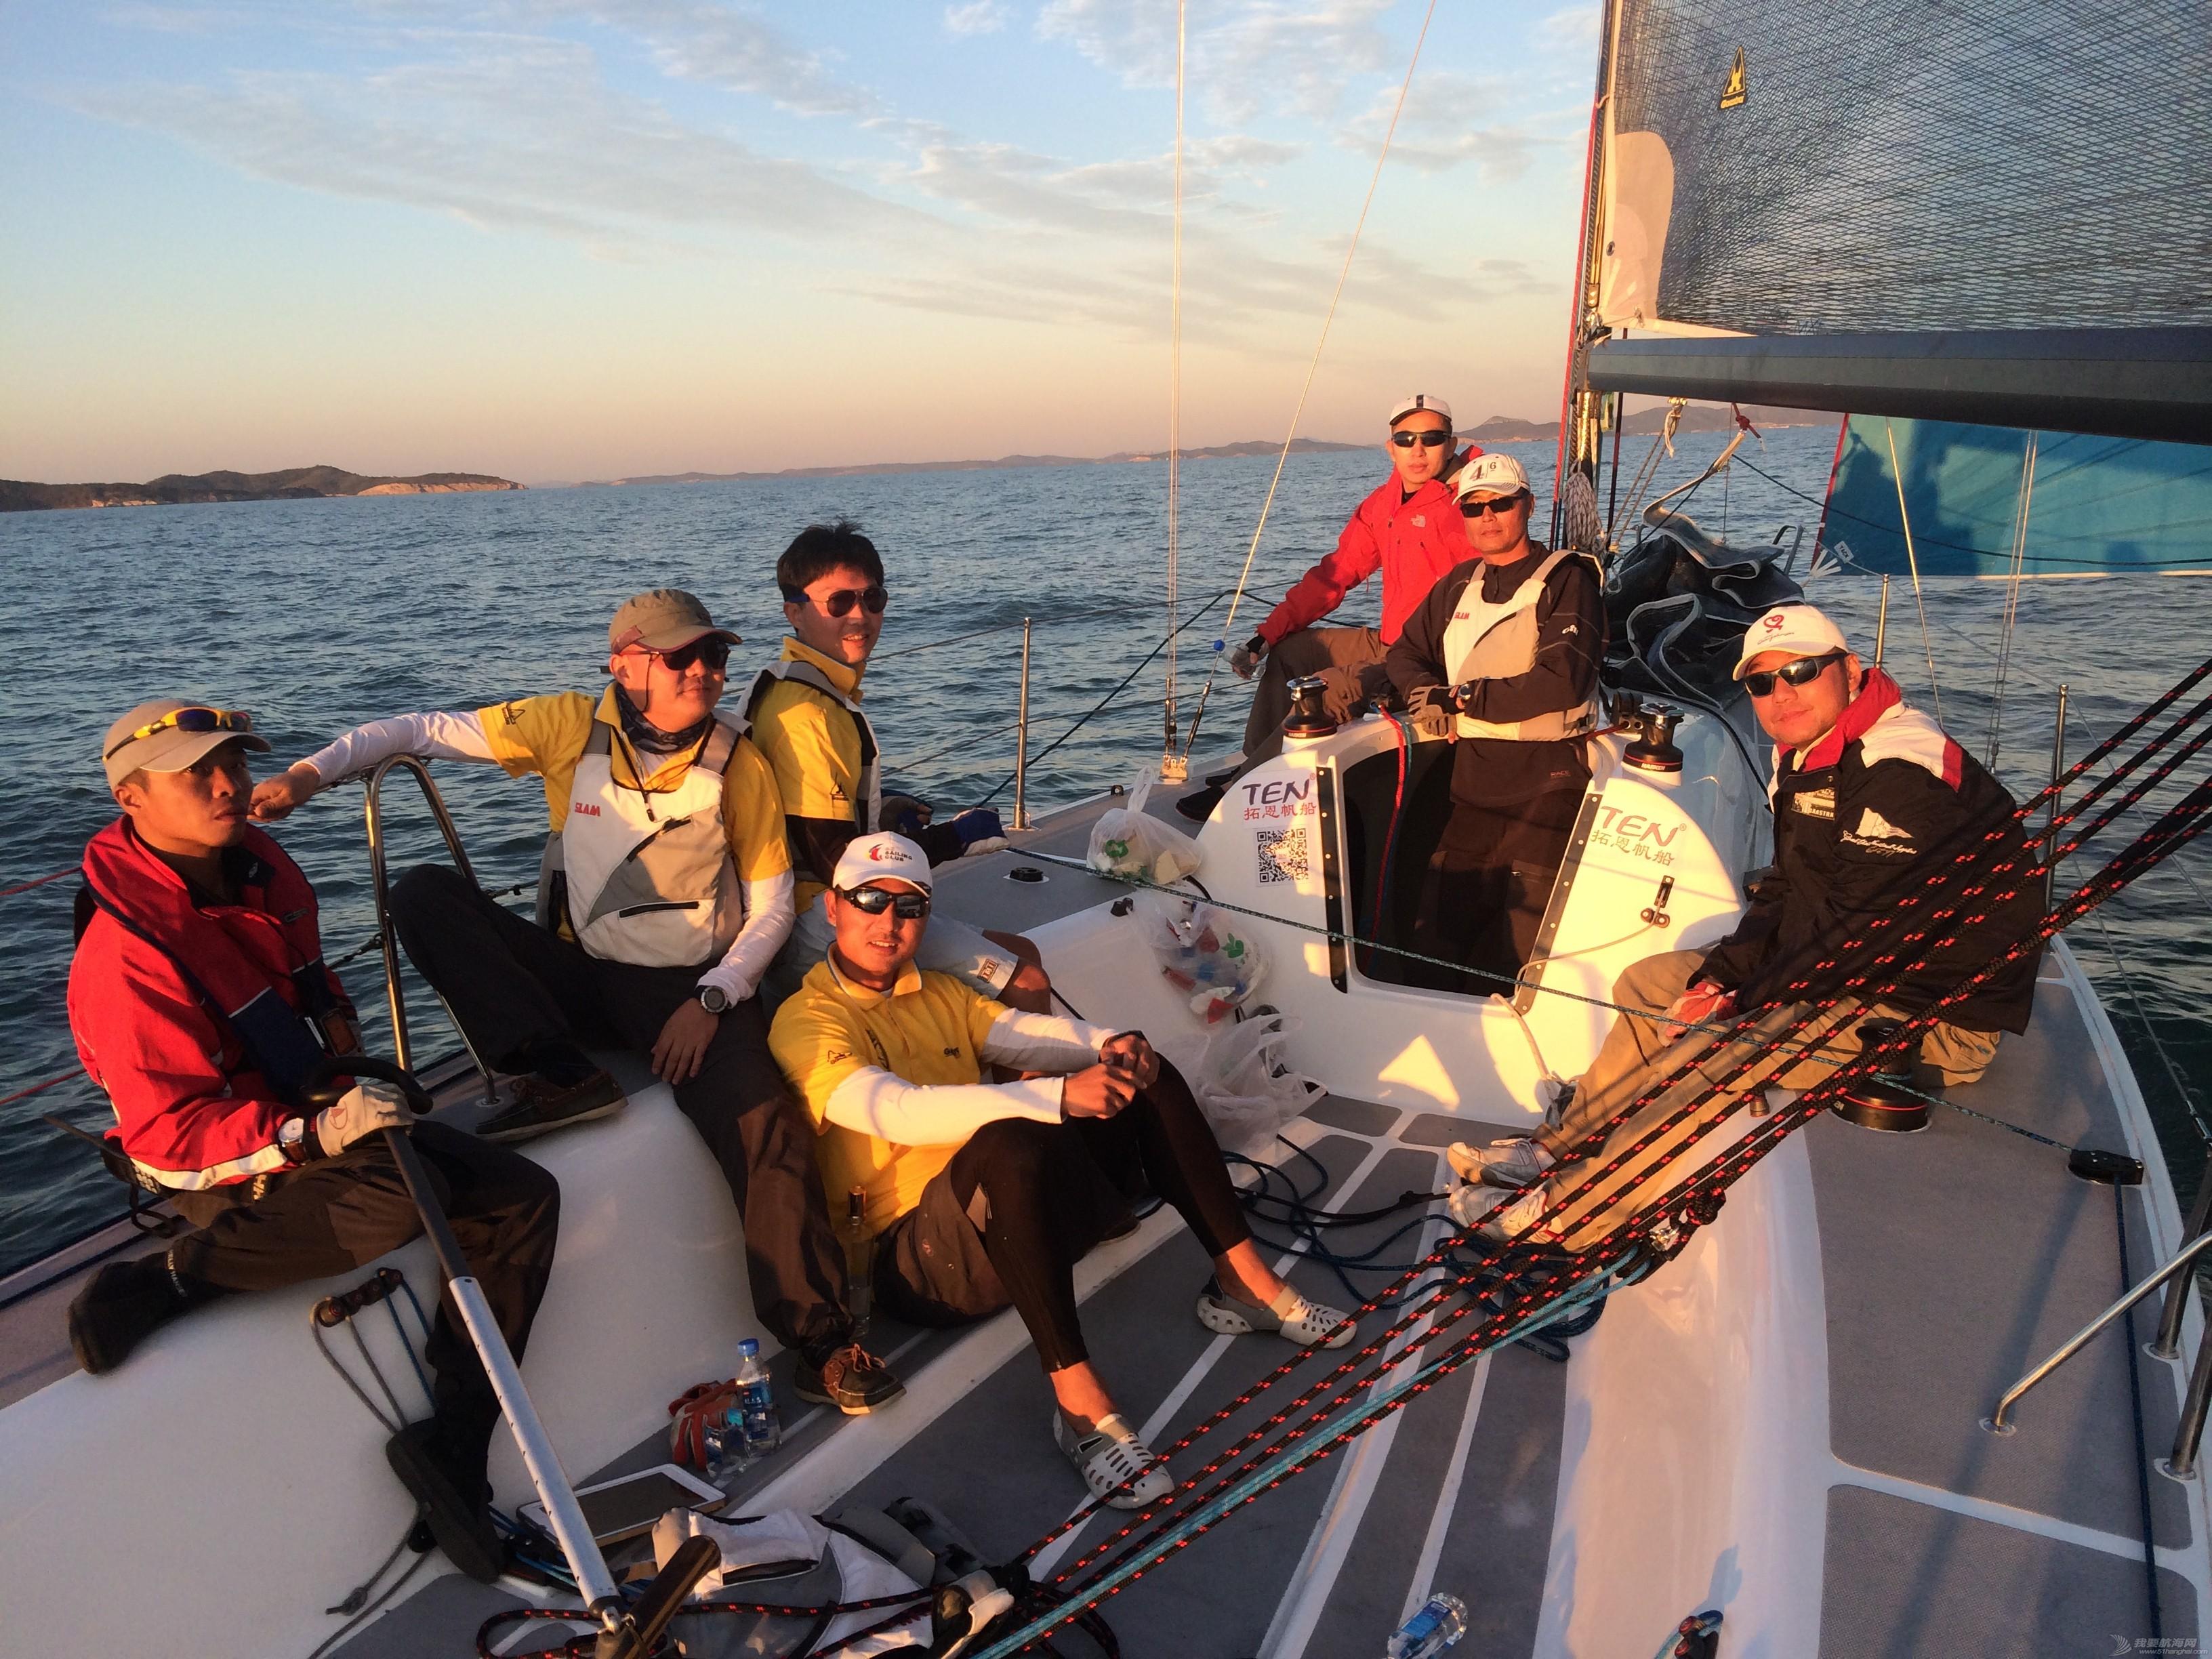 退役运动员,帆船运动,腾讯公益,福建省,生活方式 厦门老男孩帆船俱乐部 webwxgetmsgimg